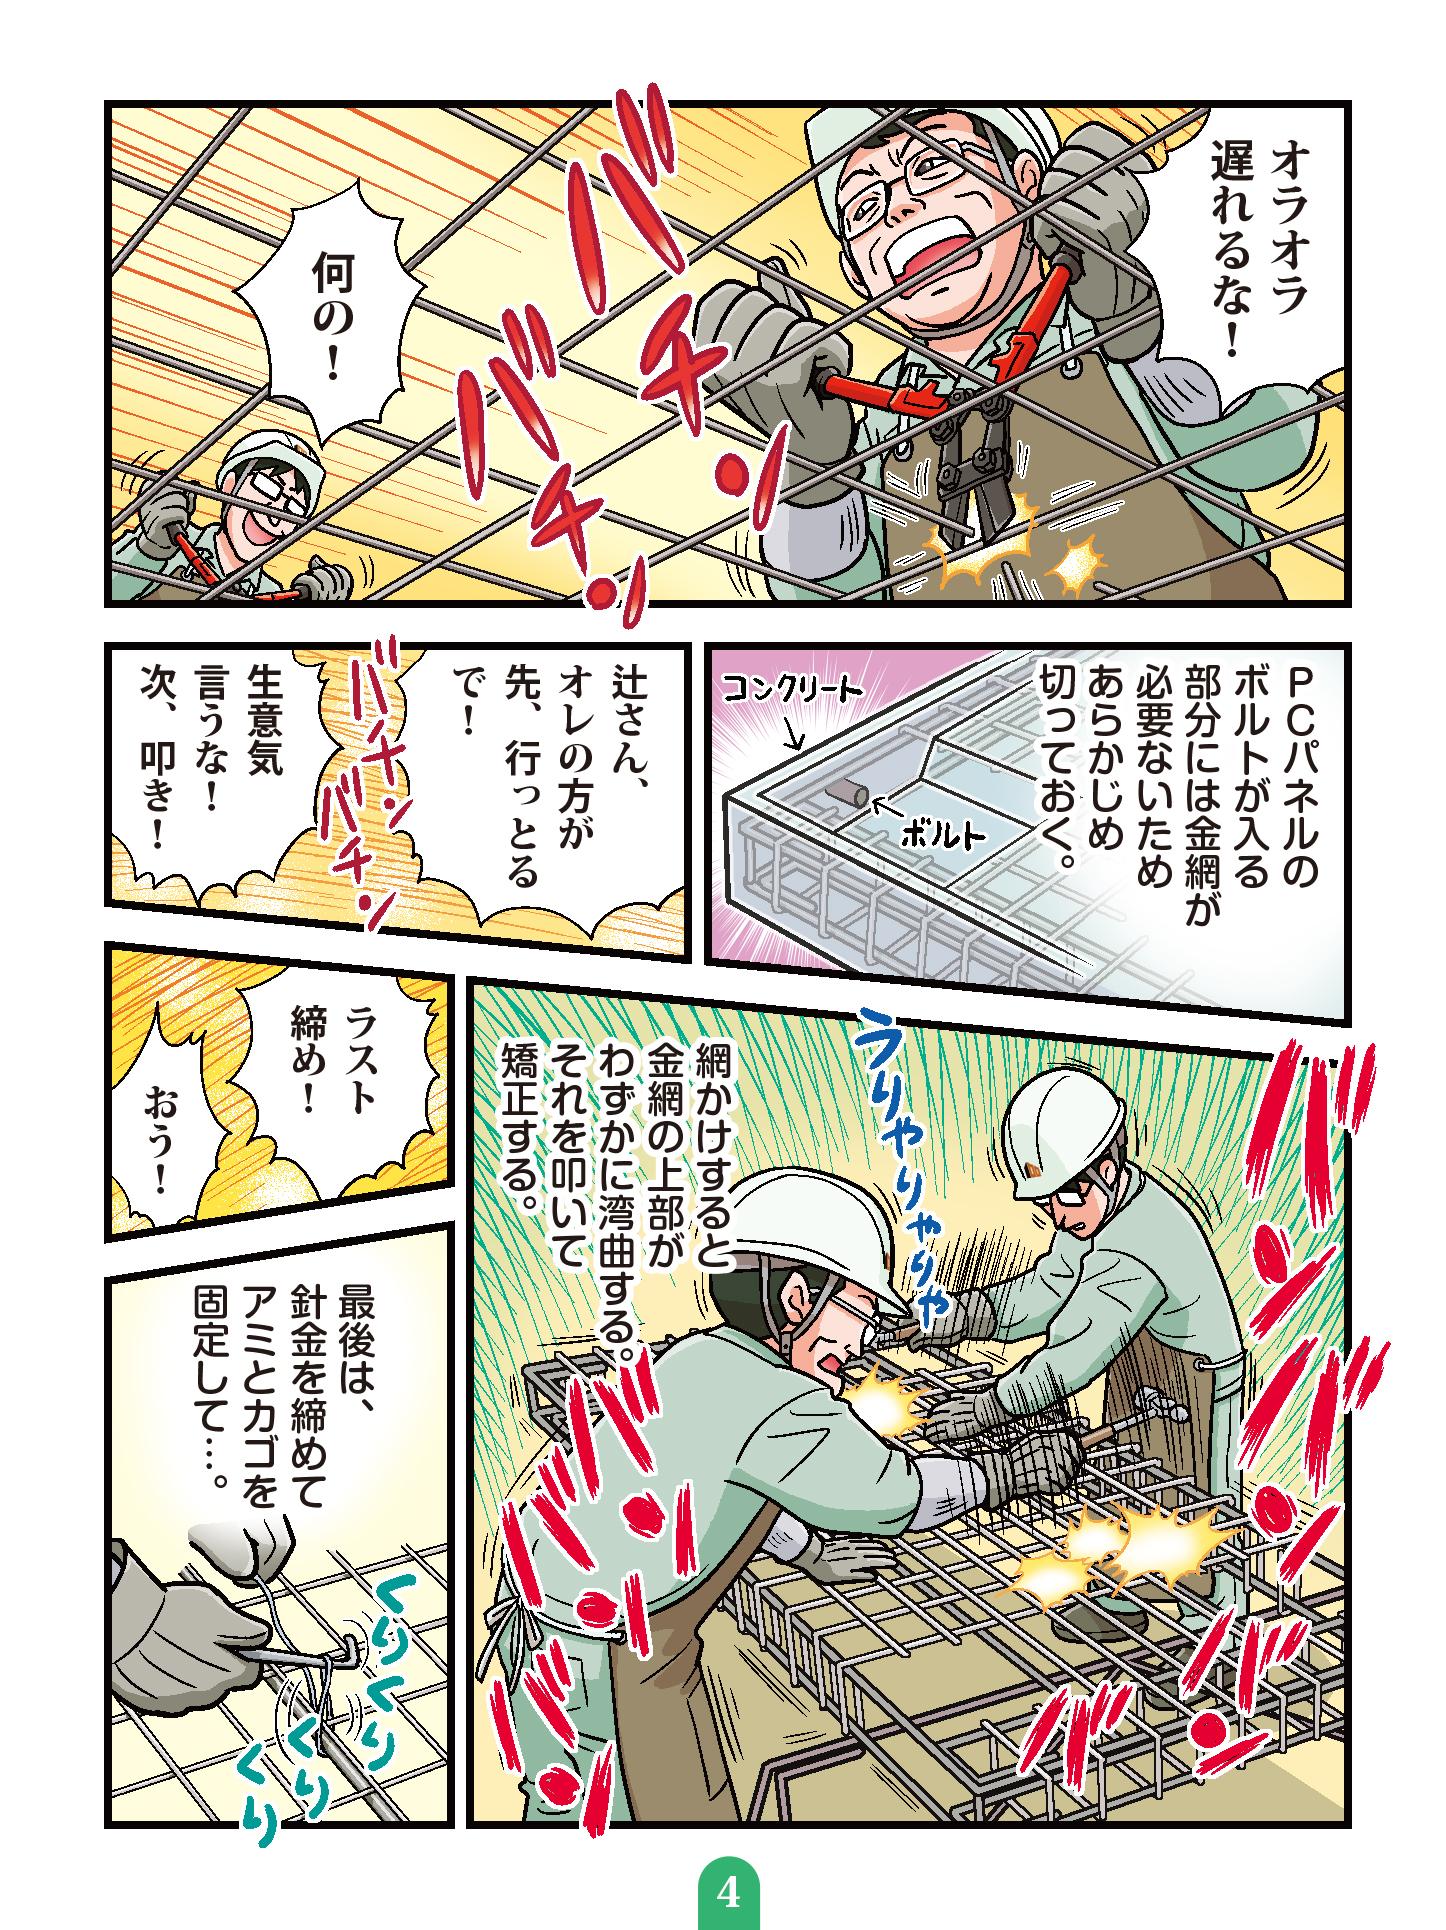 最強職人列伝 第2話 網かけ職人04